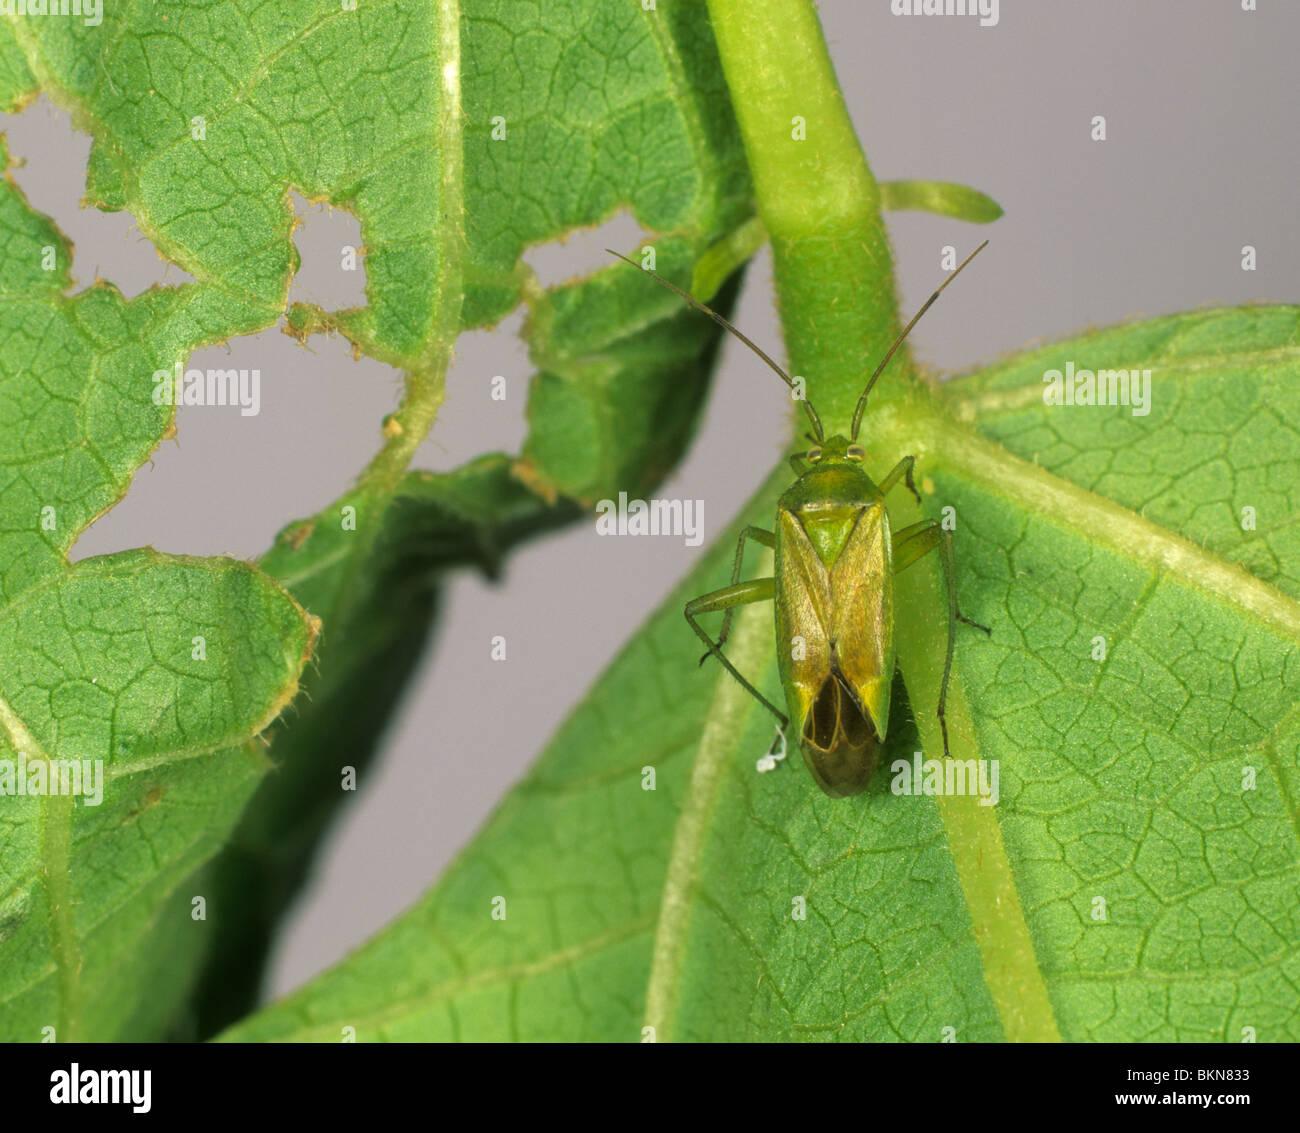 Potato capsid (Calocoris norvegicus) and damage to runner bean leaf - Stock Image